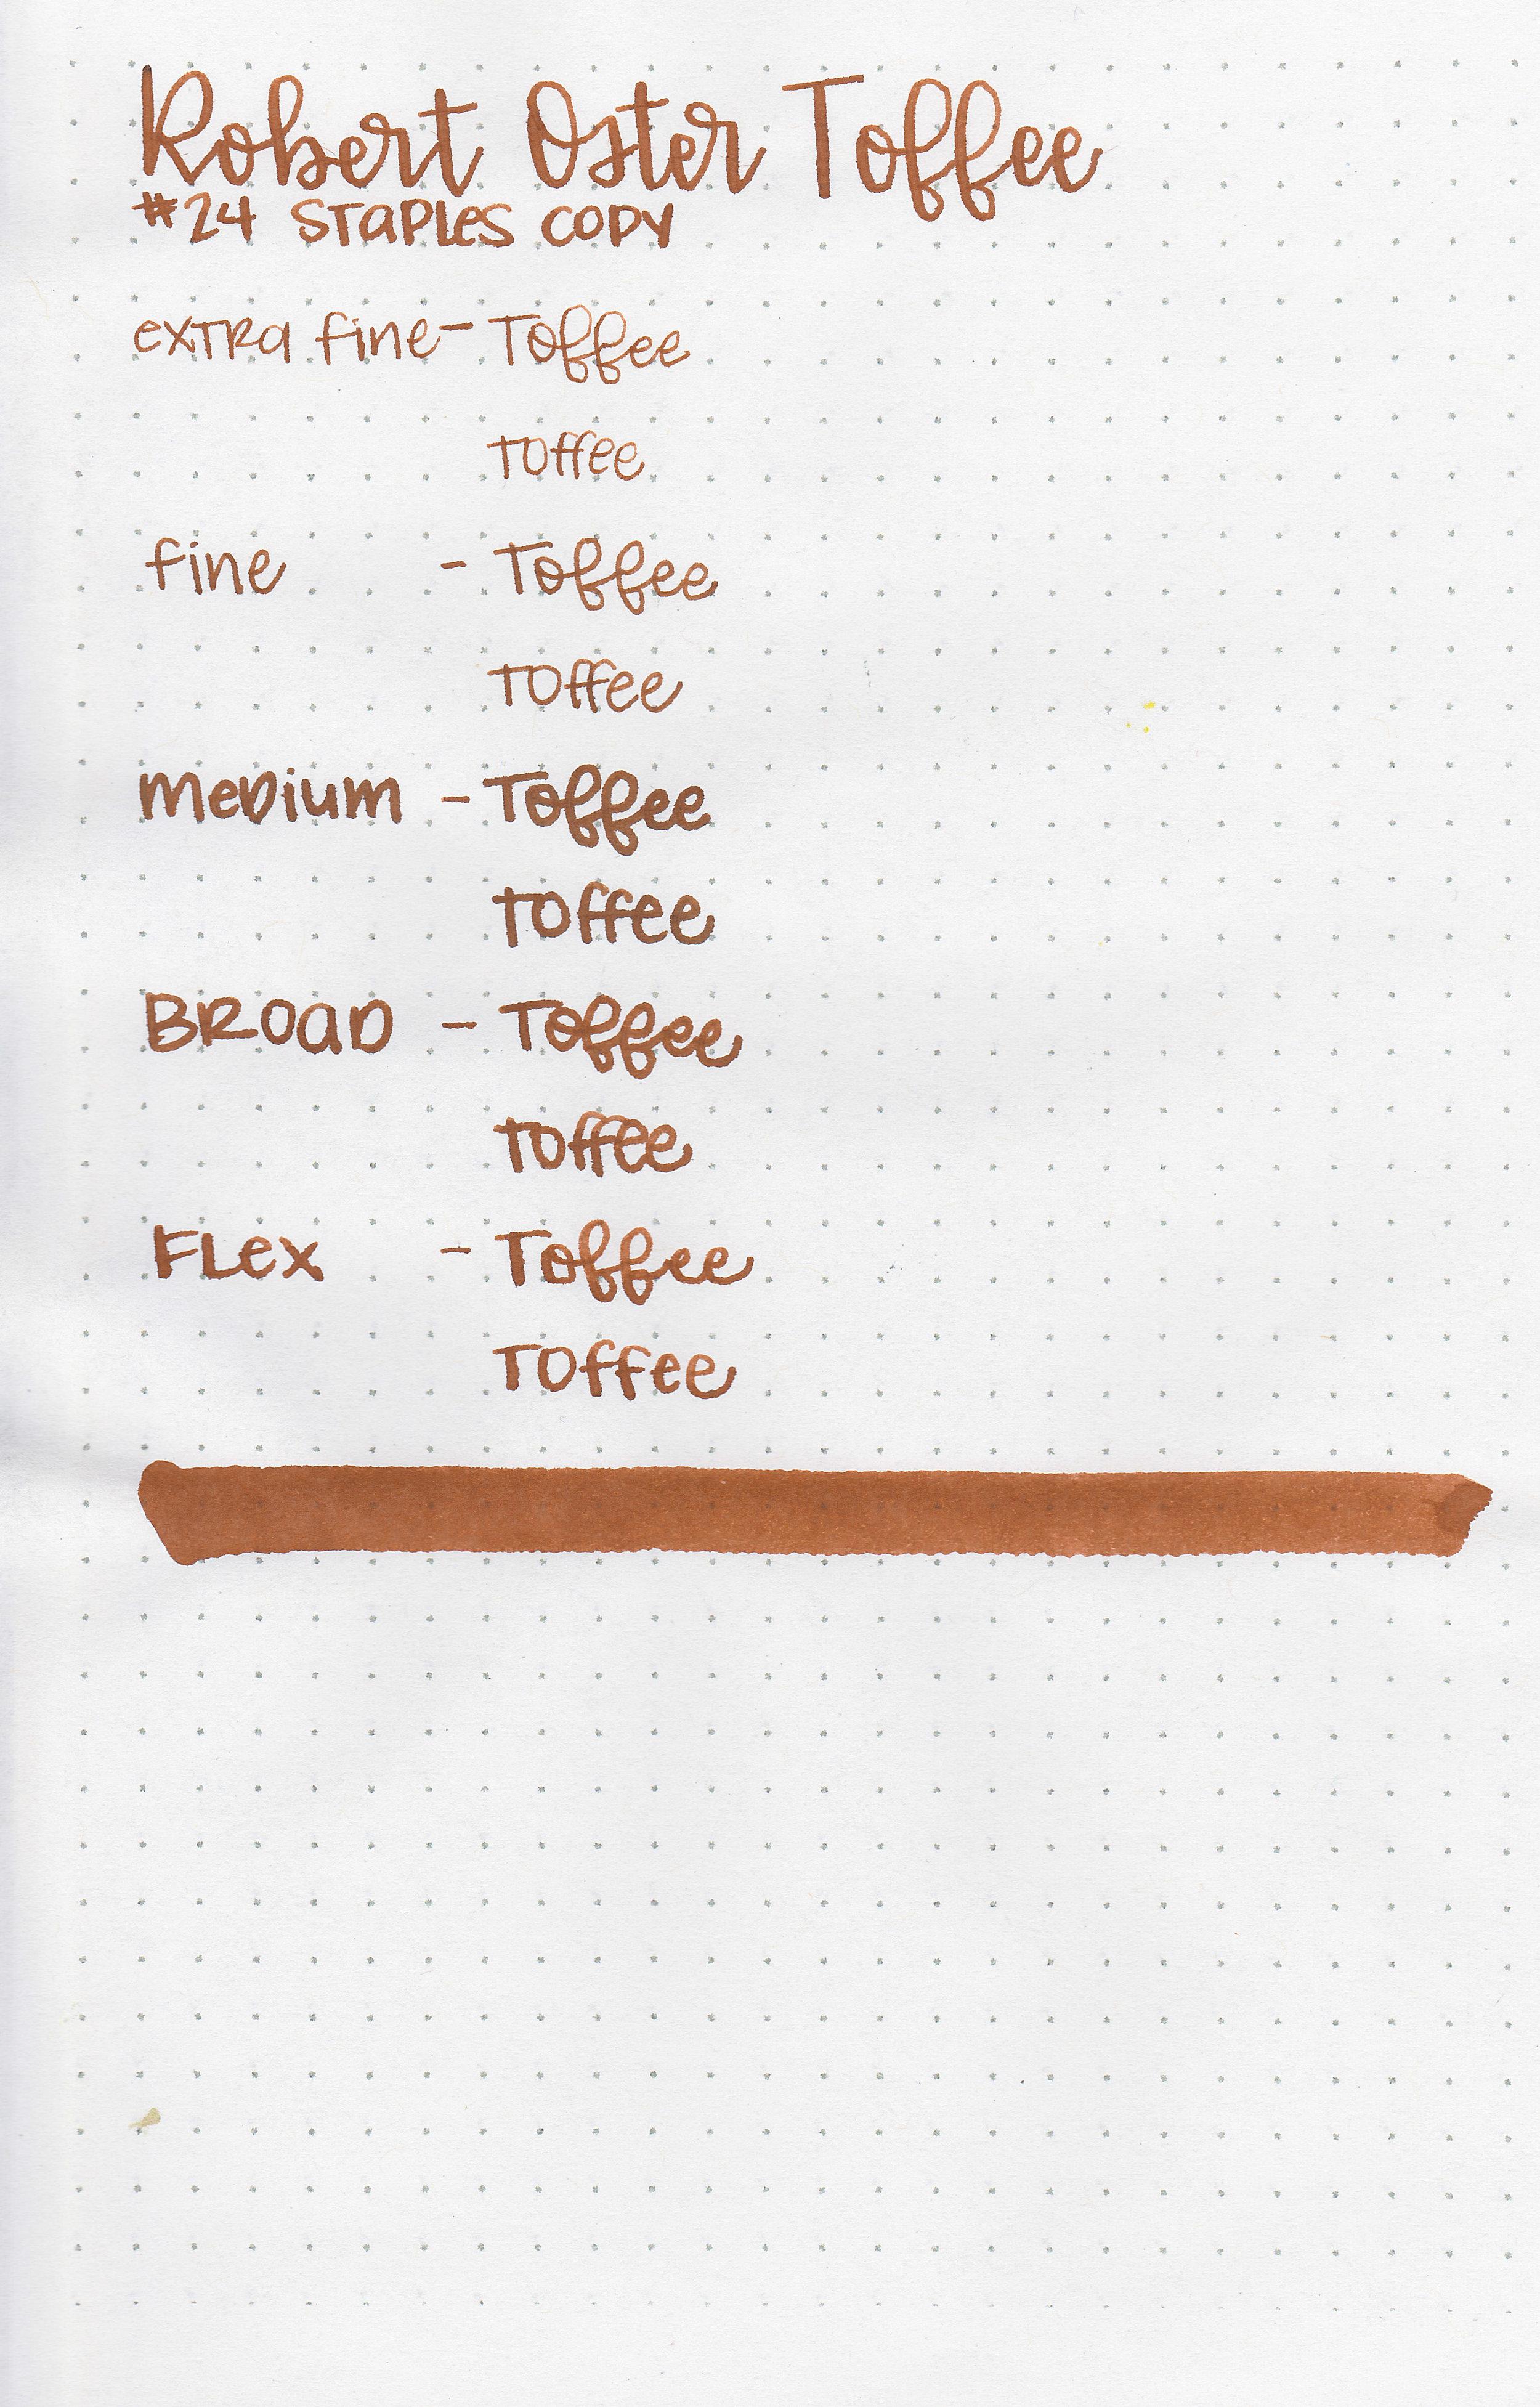 ro-toffee-11.jpg